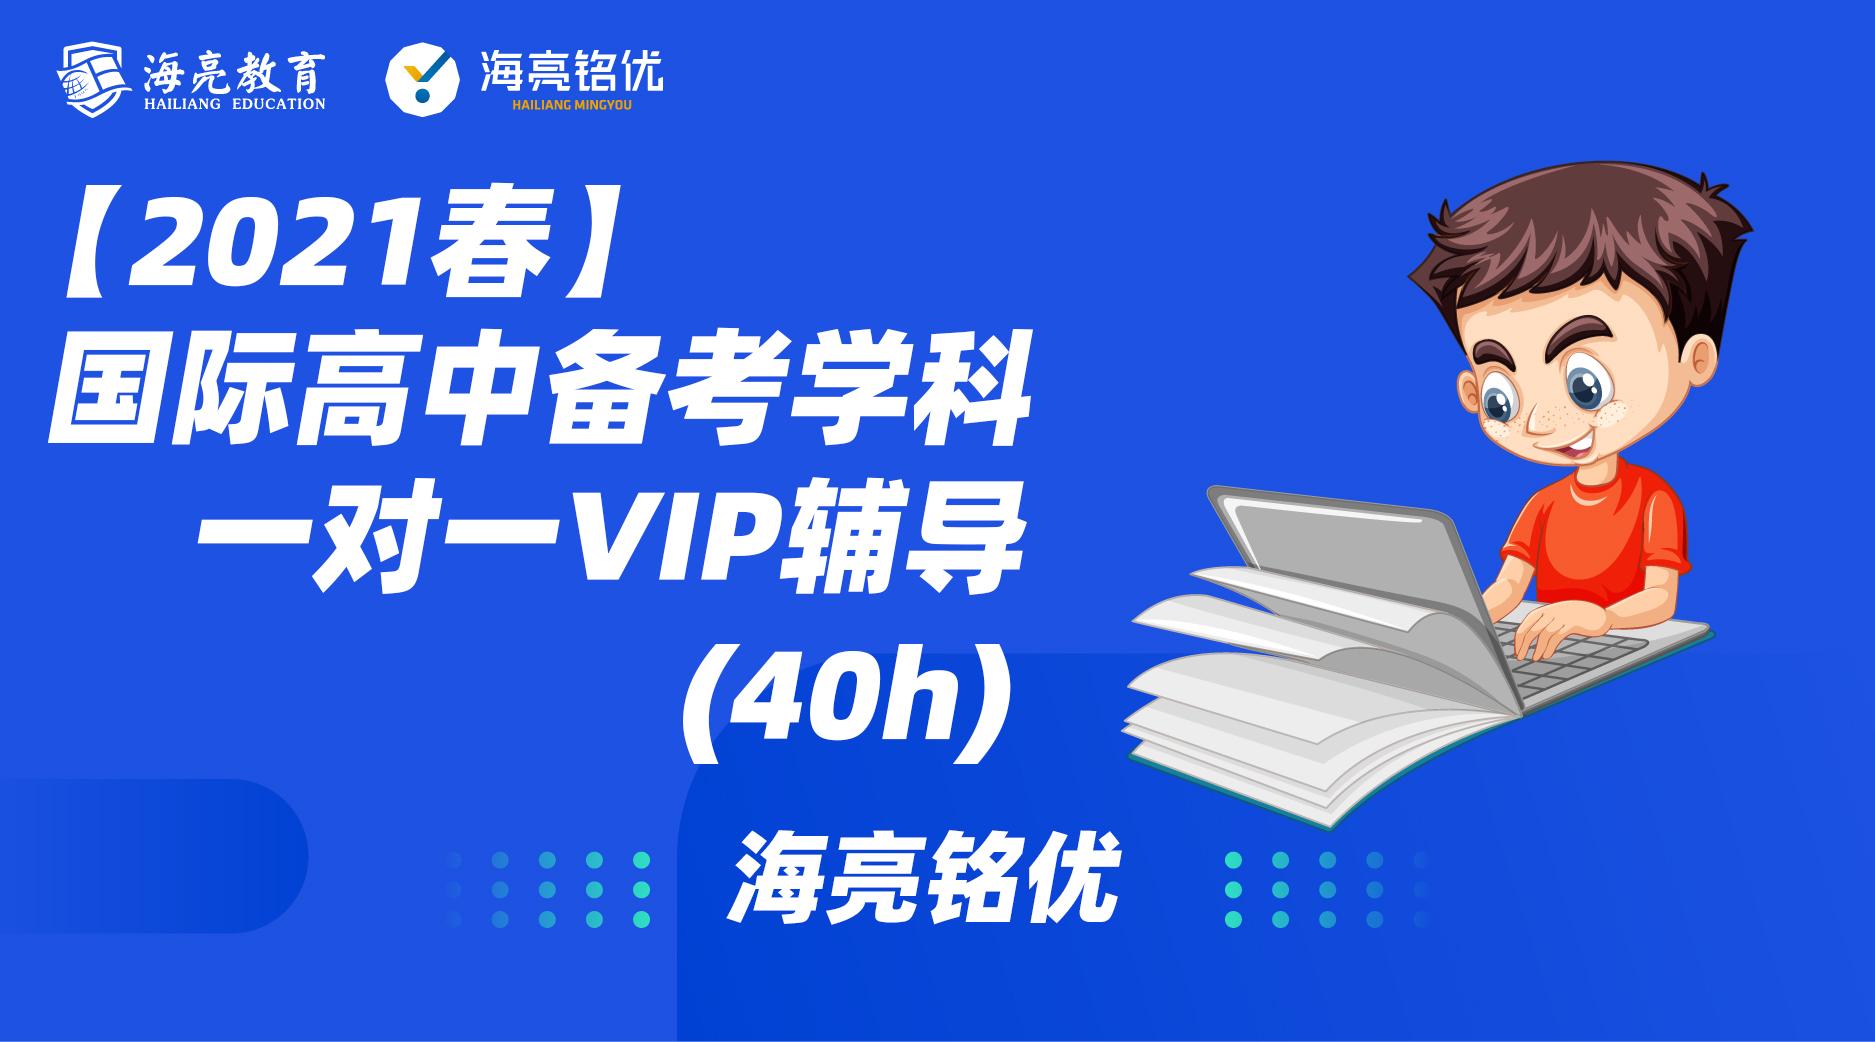 【2021春】国际高中备考学科一对一VIP辅导 (40h)